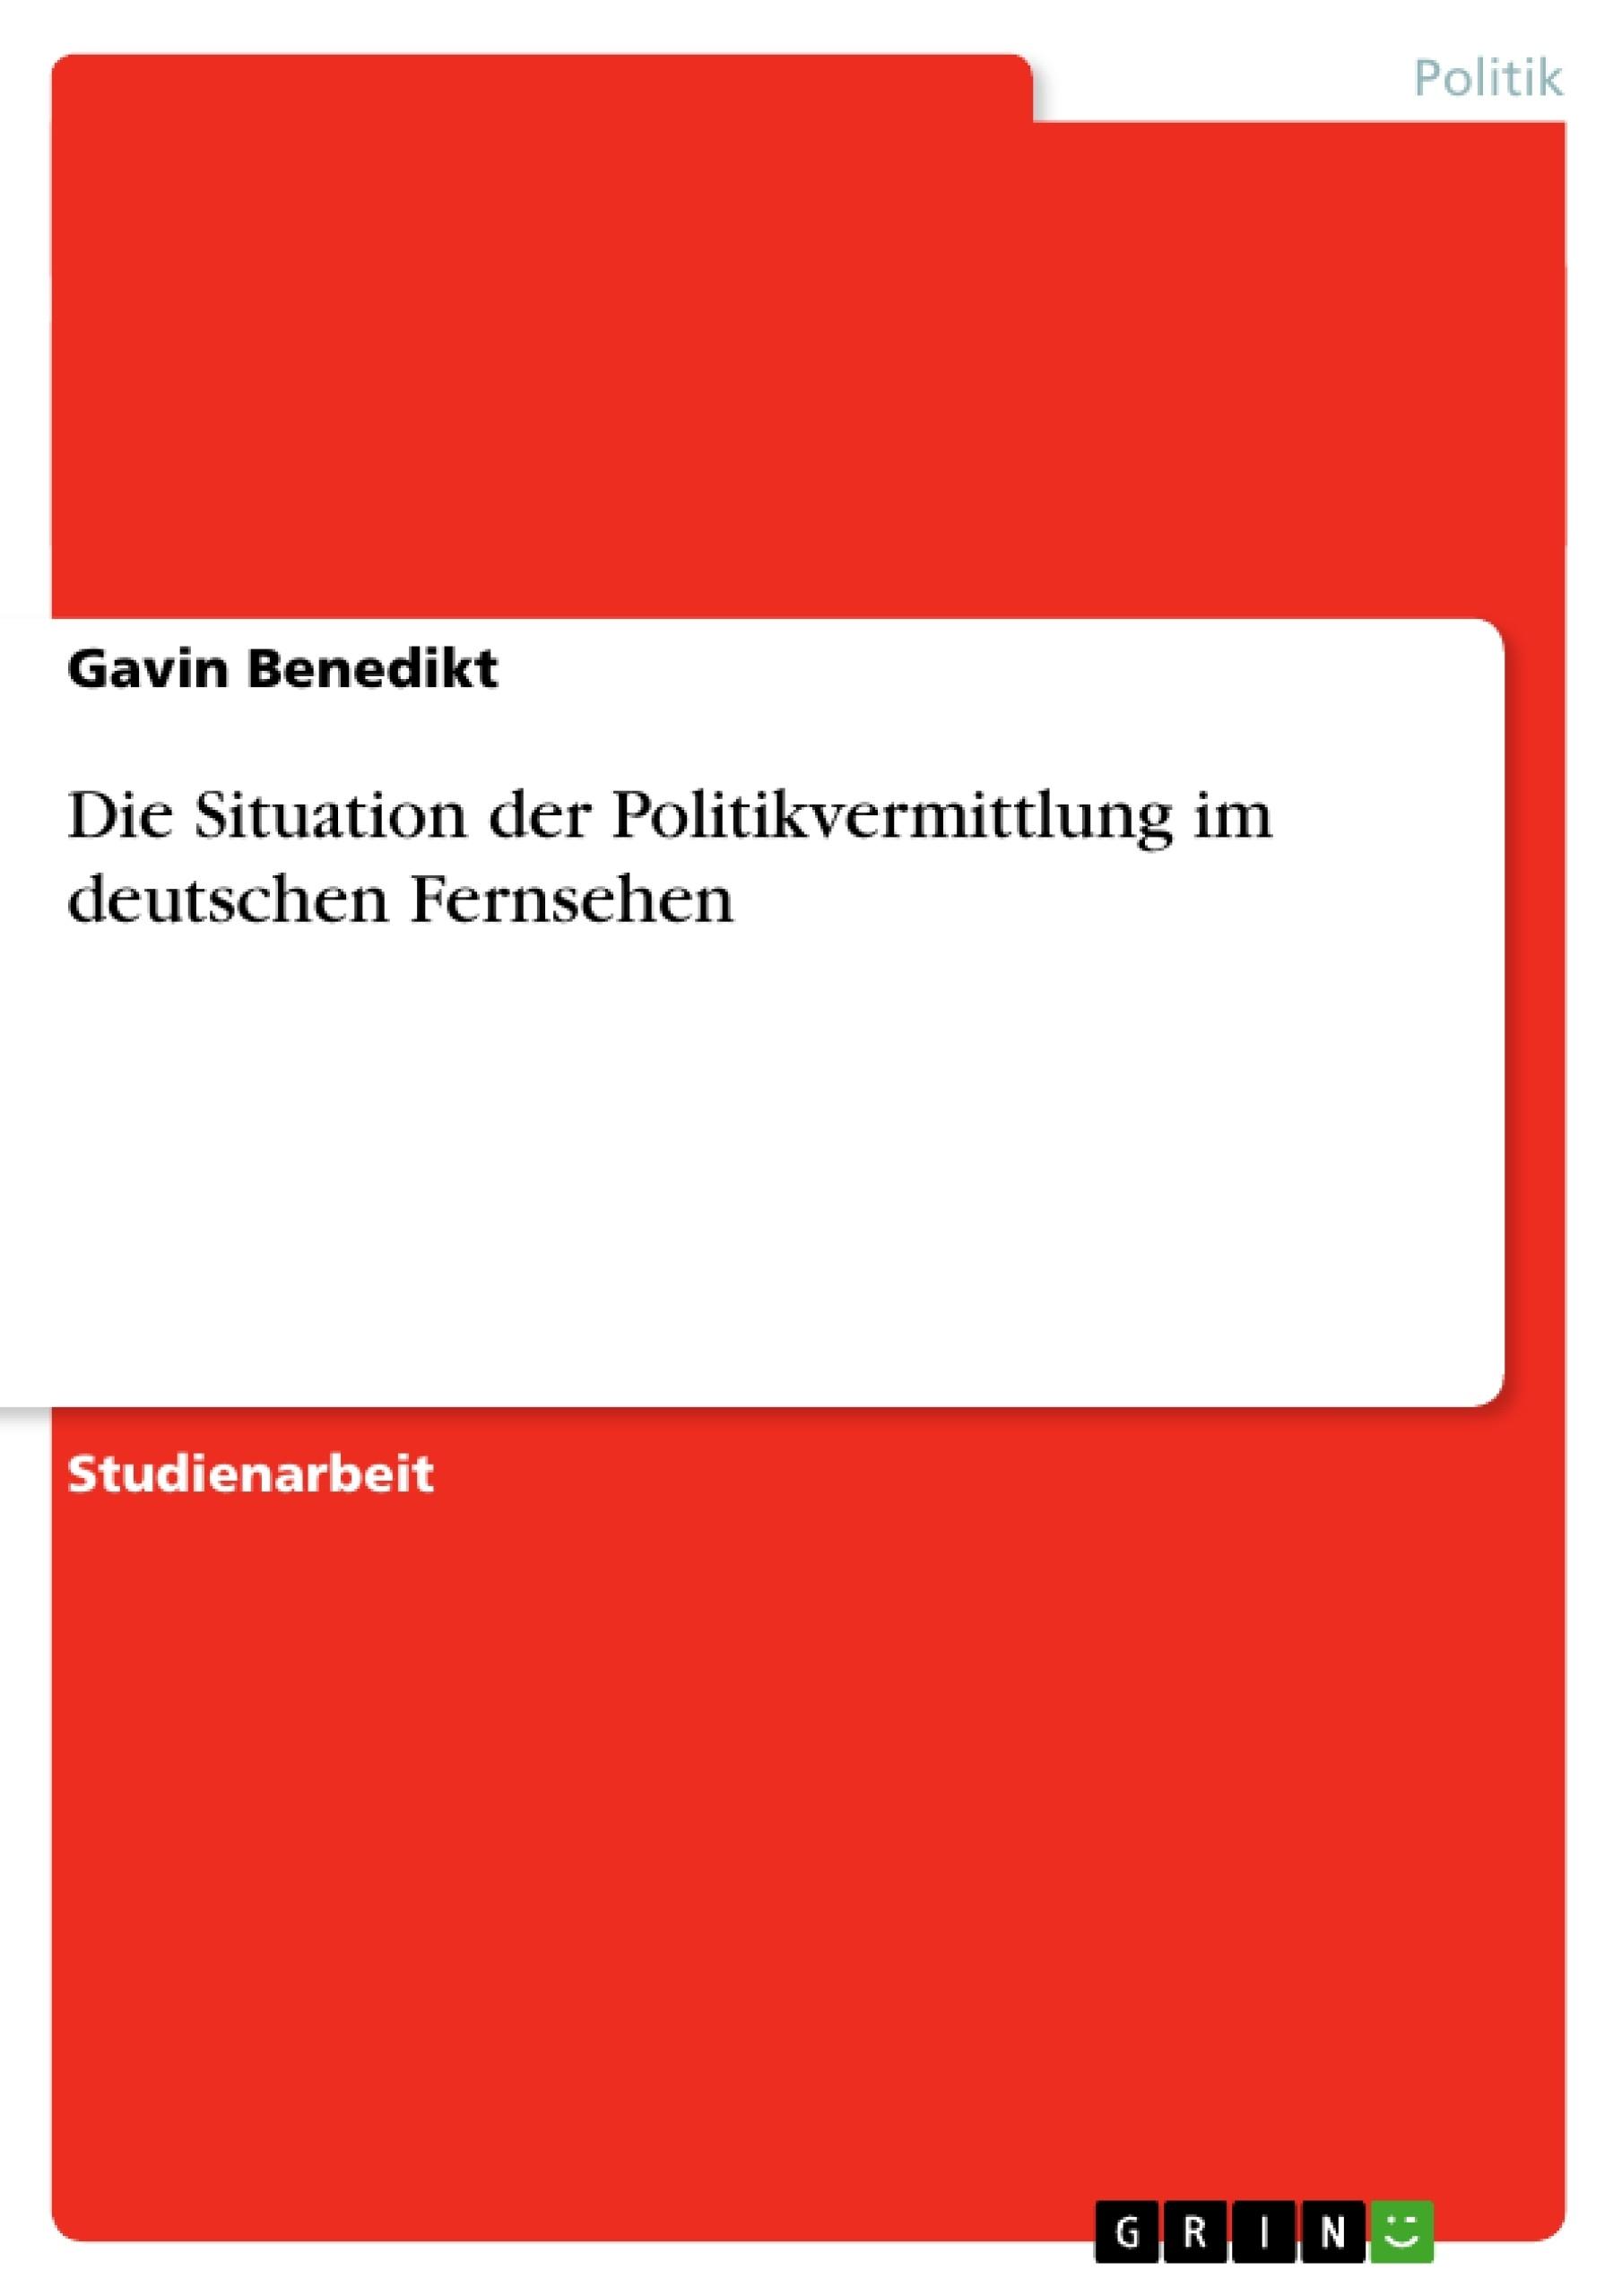 Titel: Die Situation der Politikvermittlung im deutschen Fernsehen